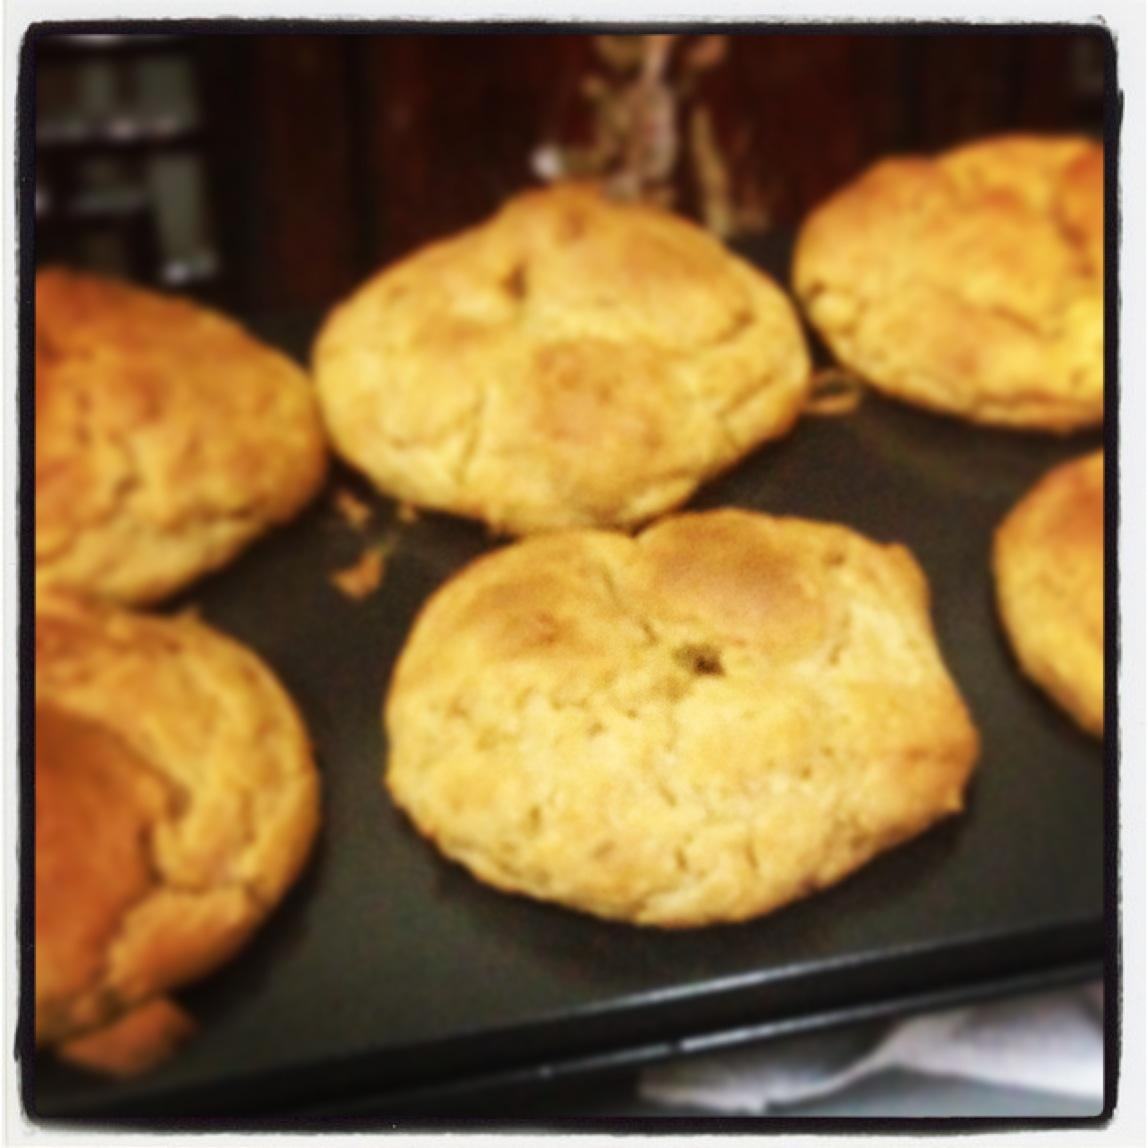 My gluten-free muffins